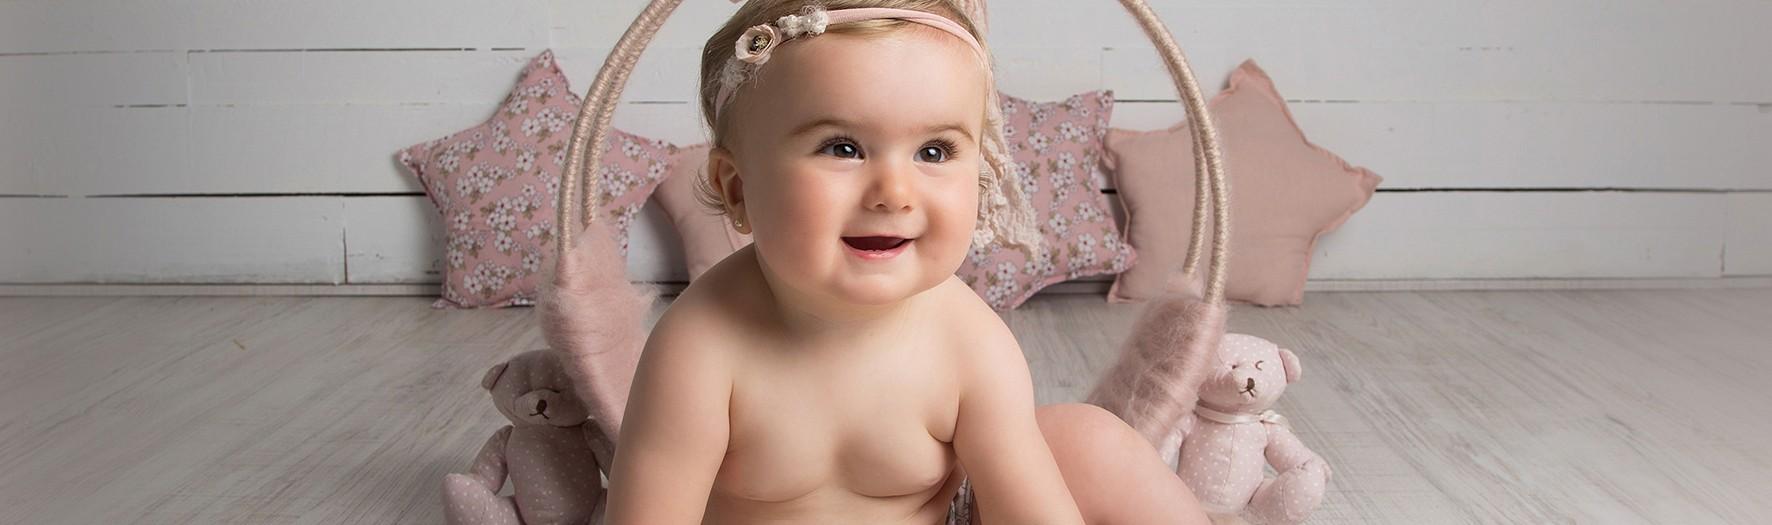 Fotos de bebés en Murcia + Carla y Lola + Fotografías de 2 hermanas + Silvia Ferrer.